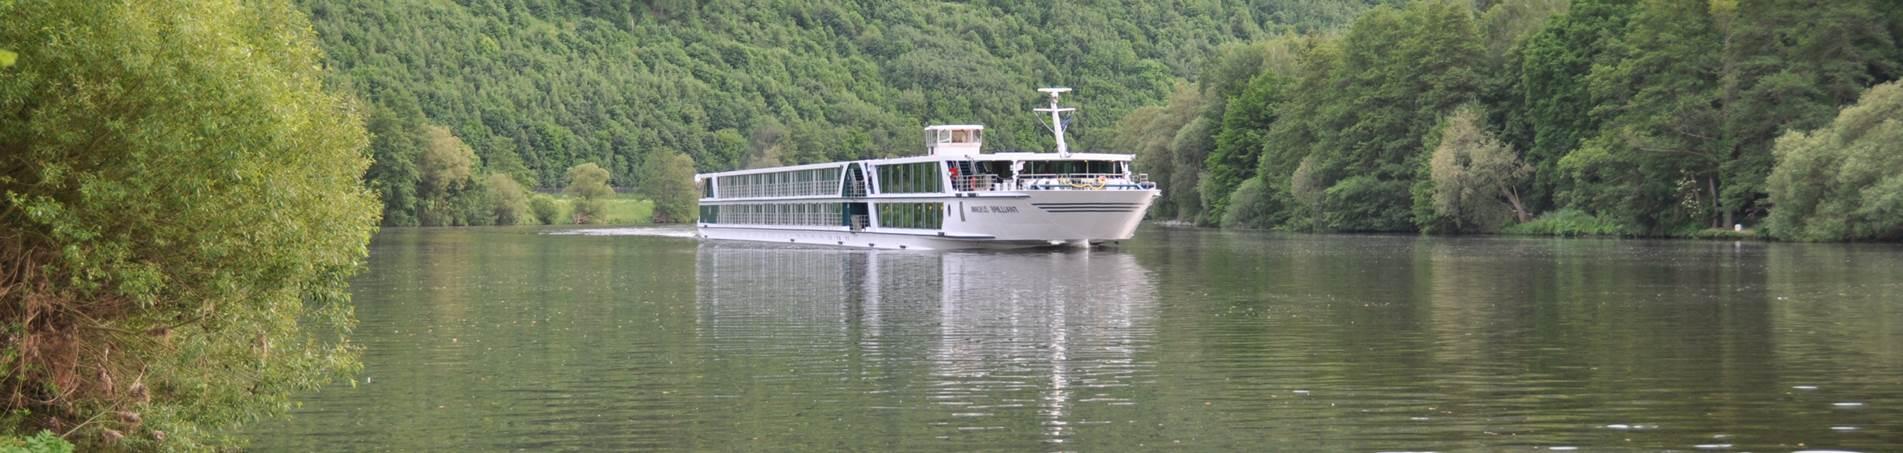 Bécs - Budapest dunai hajóút szállodahajóval